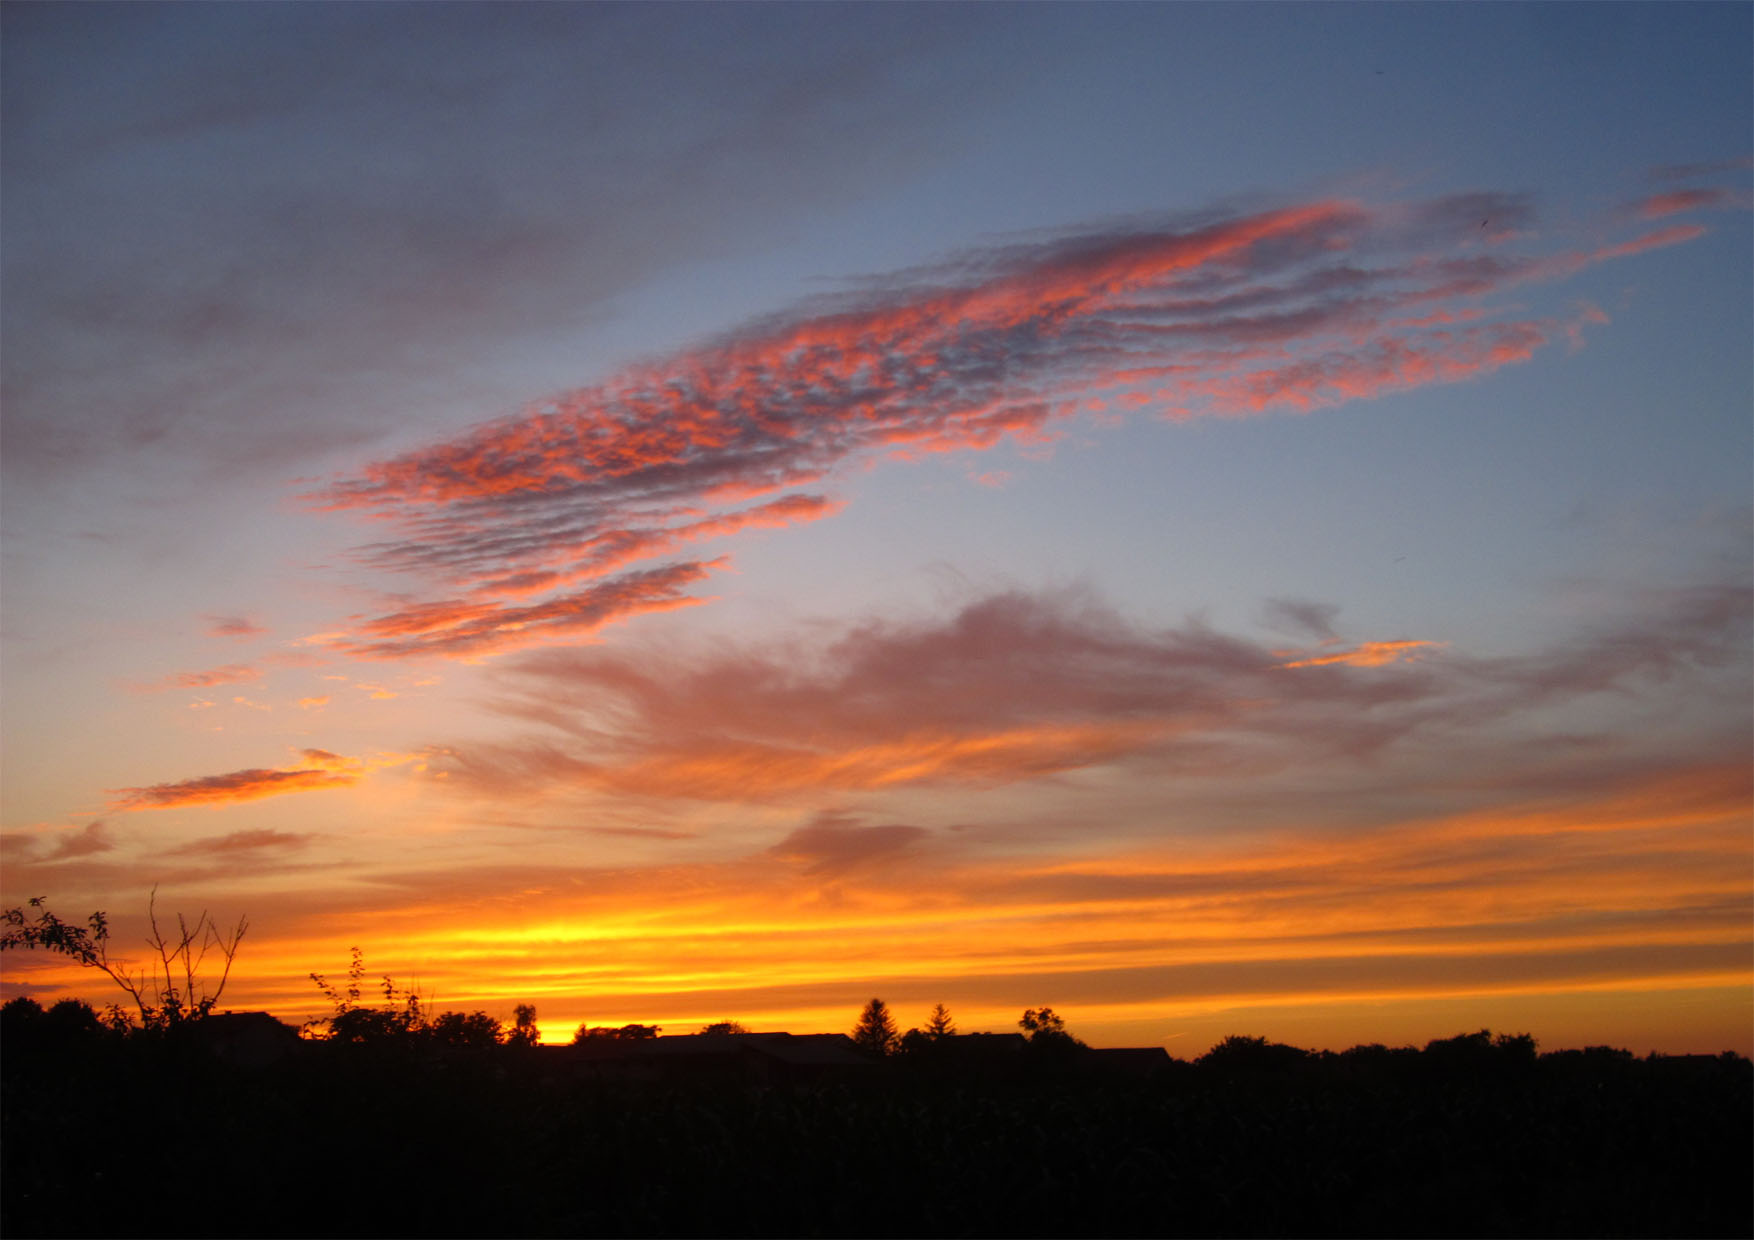 91 zalazak sunca Mosorin jun 2014